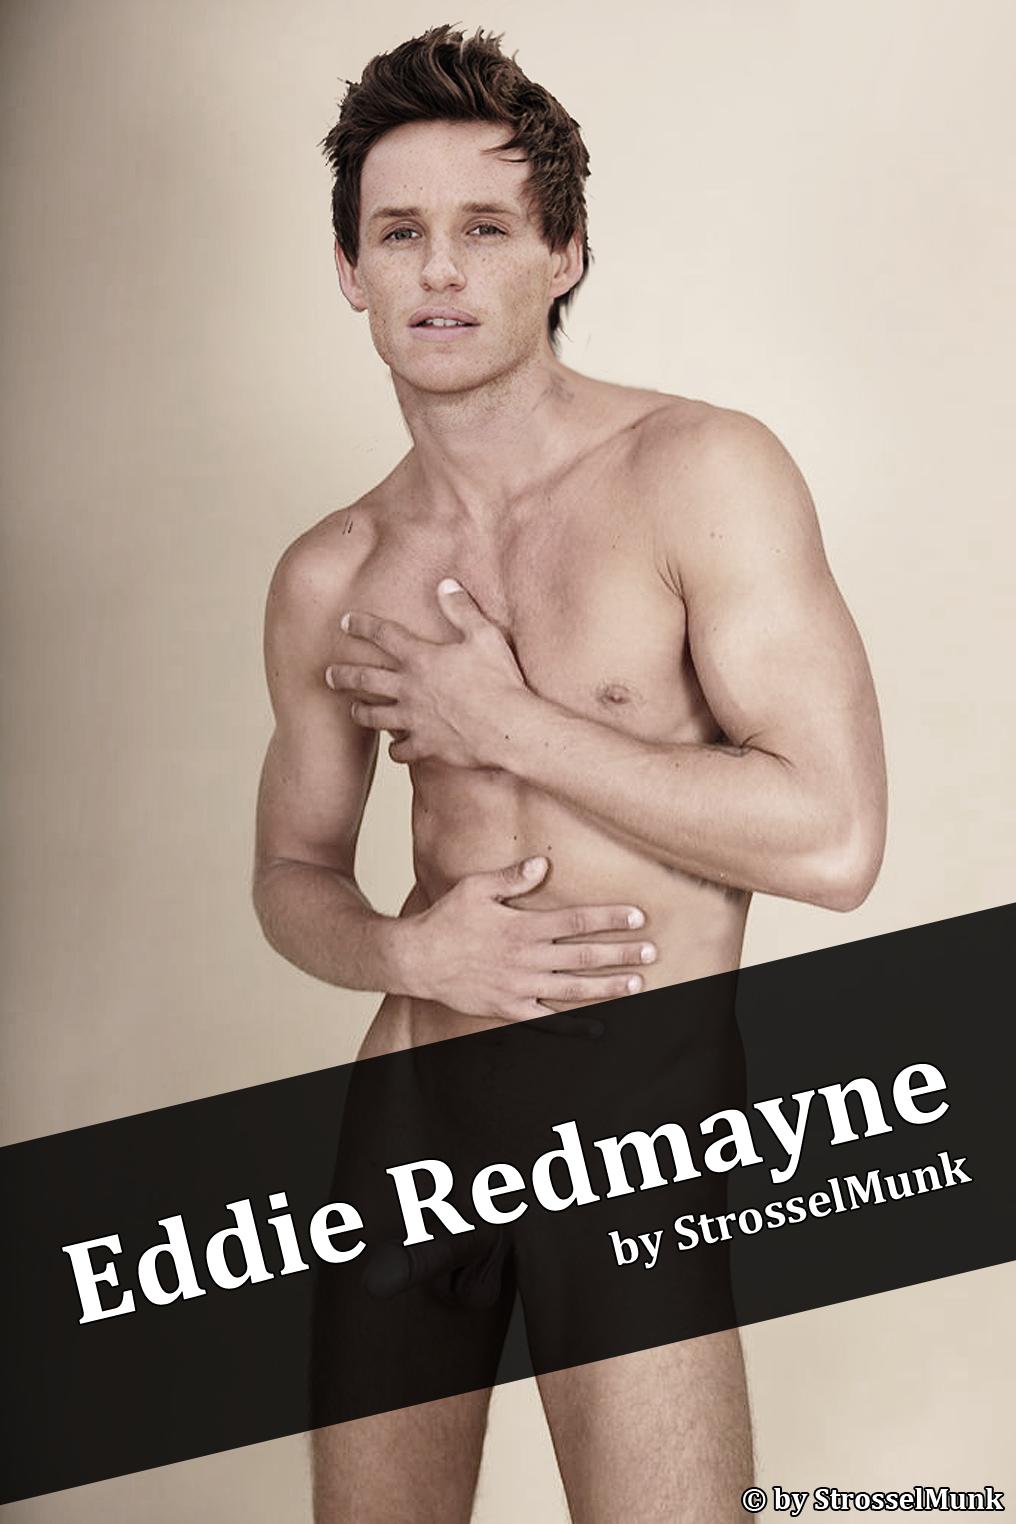 EddieRedmayne[1] - kopia